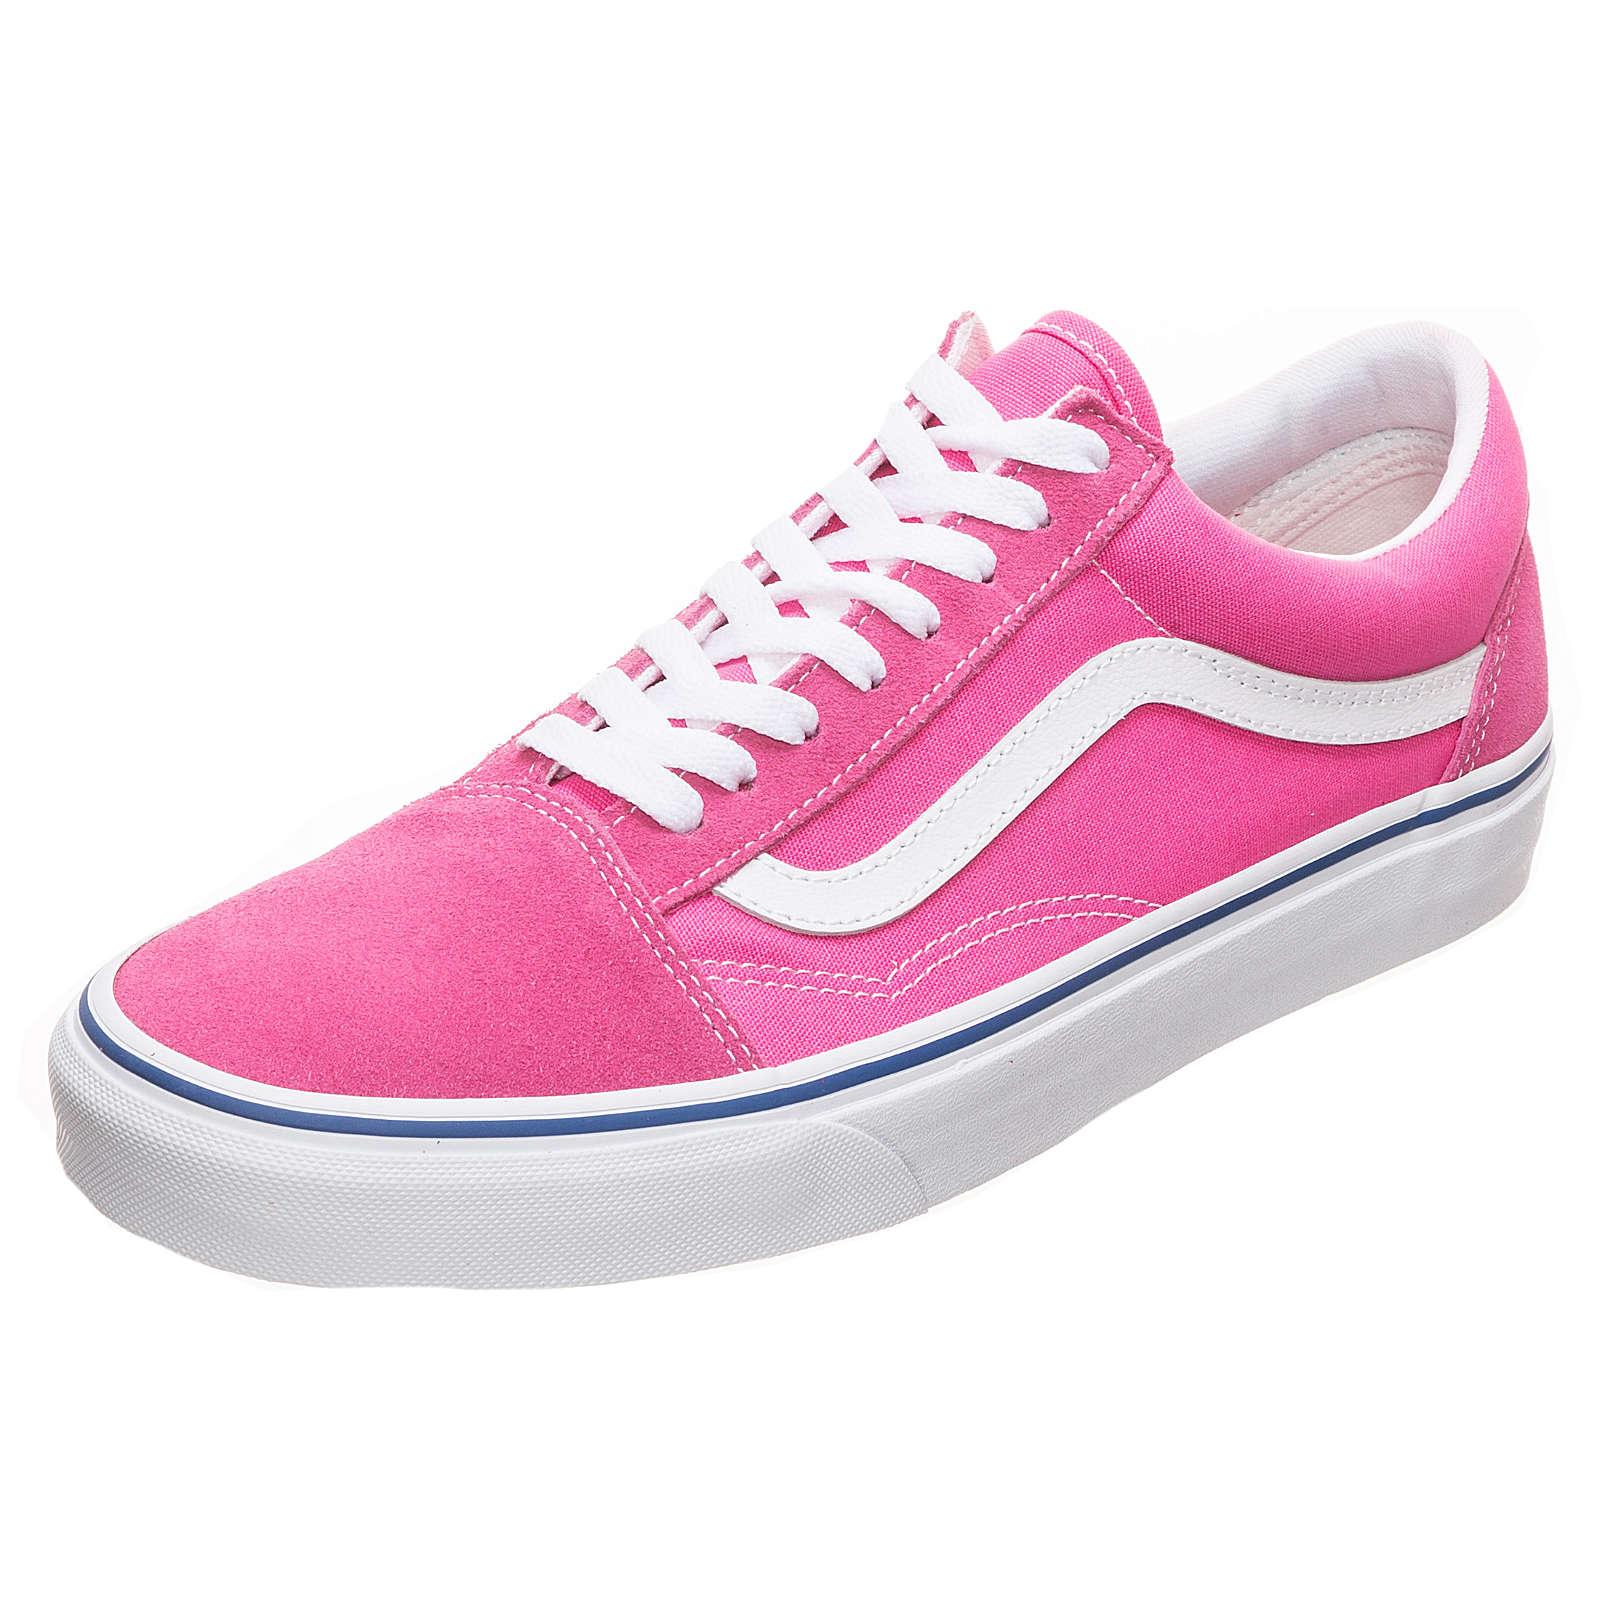 VANS Old Skool Sneaker rosa/weiß Gr. 36